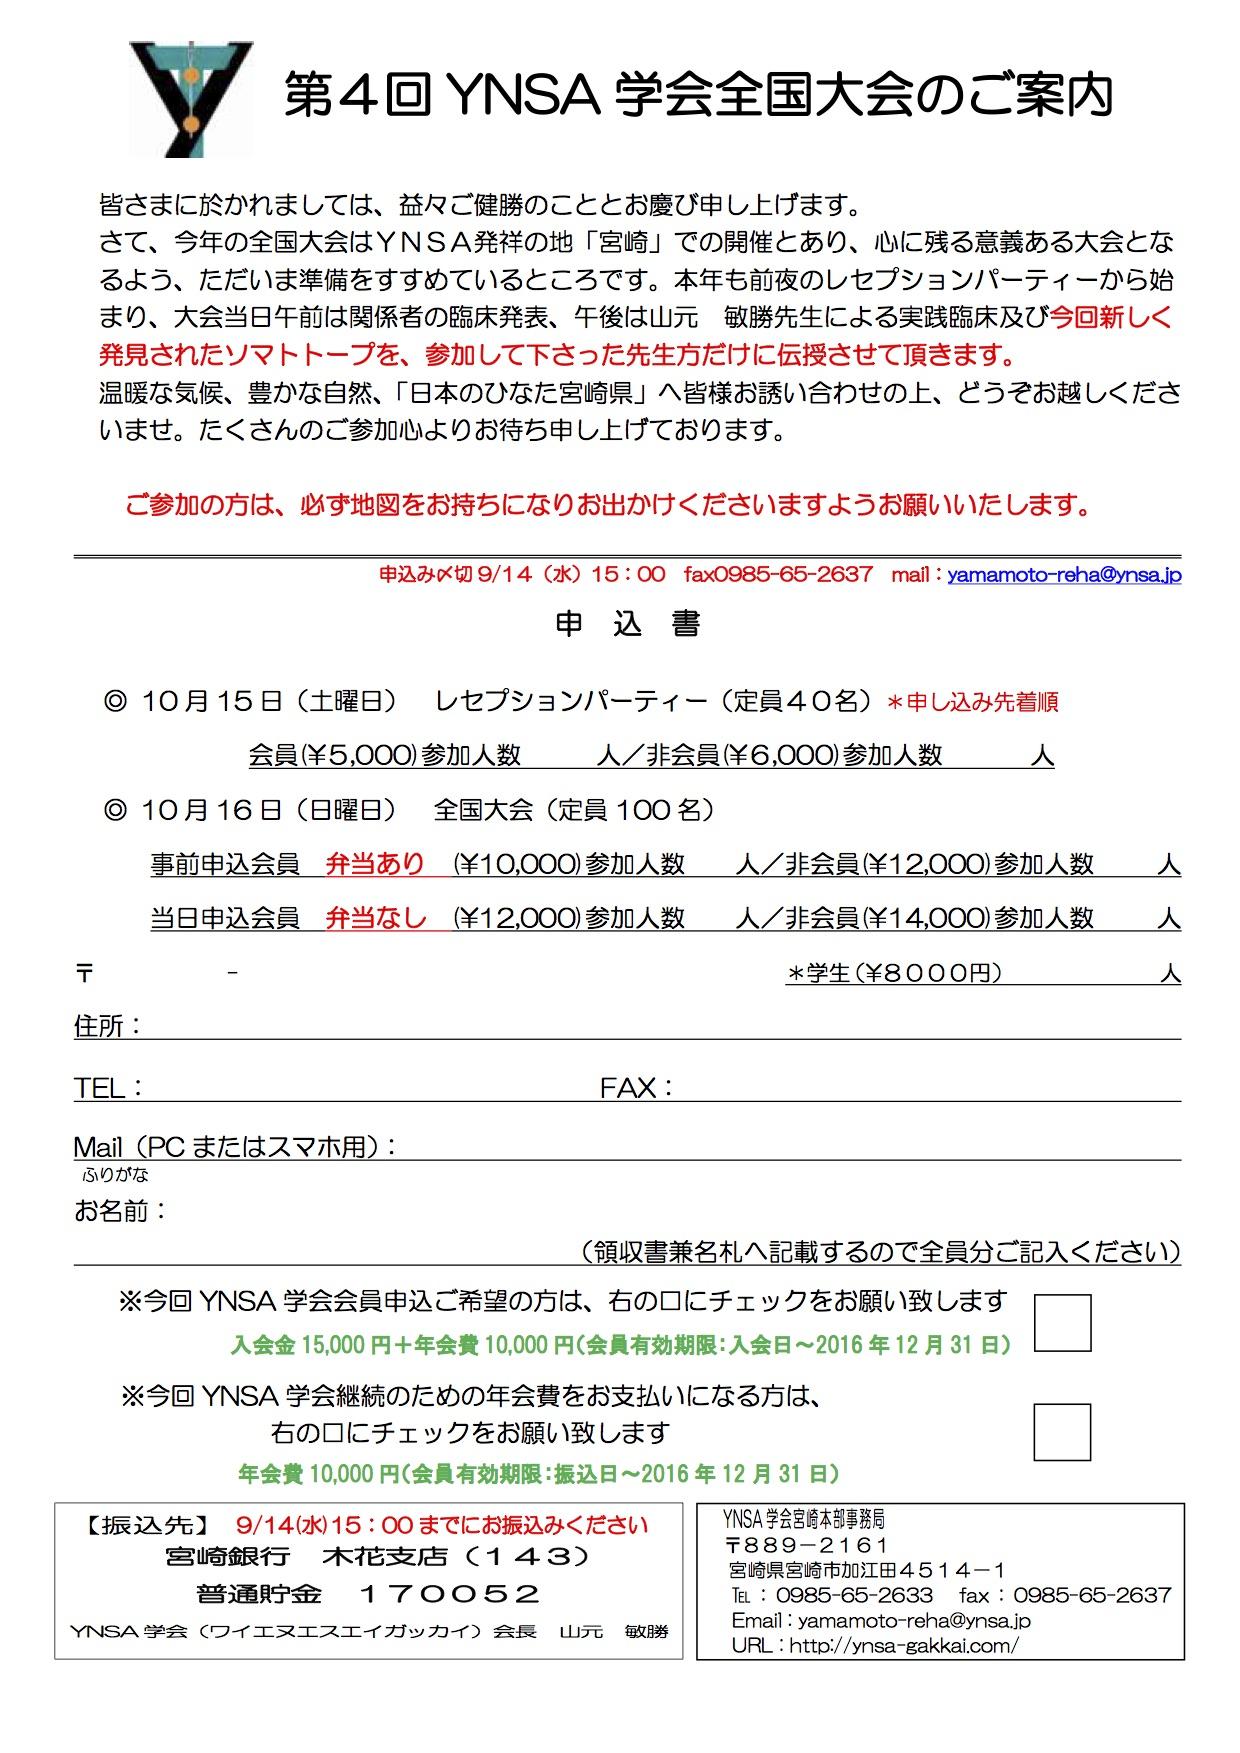 | 第4回宮崎山元式新頭鍼療法YNSA学会 全国大会